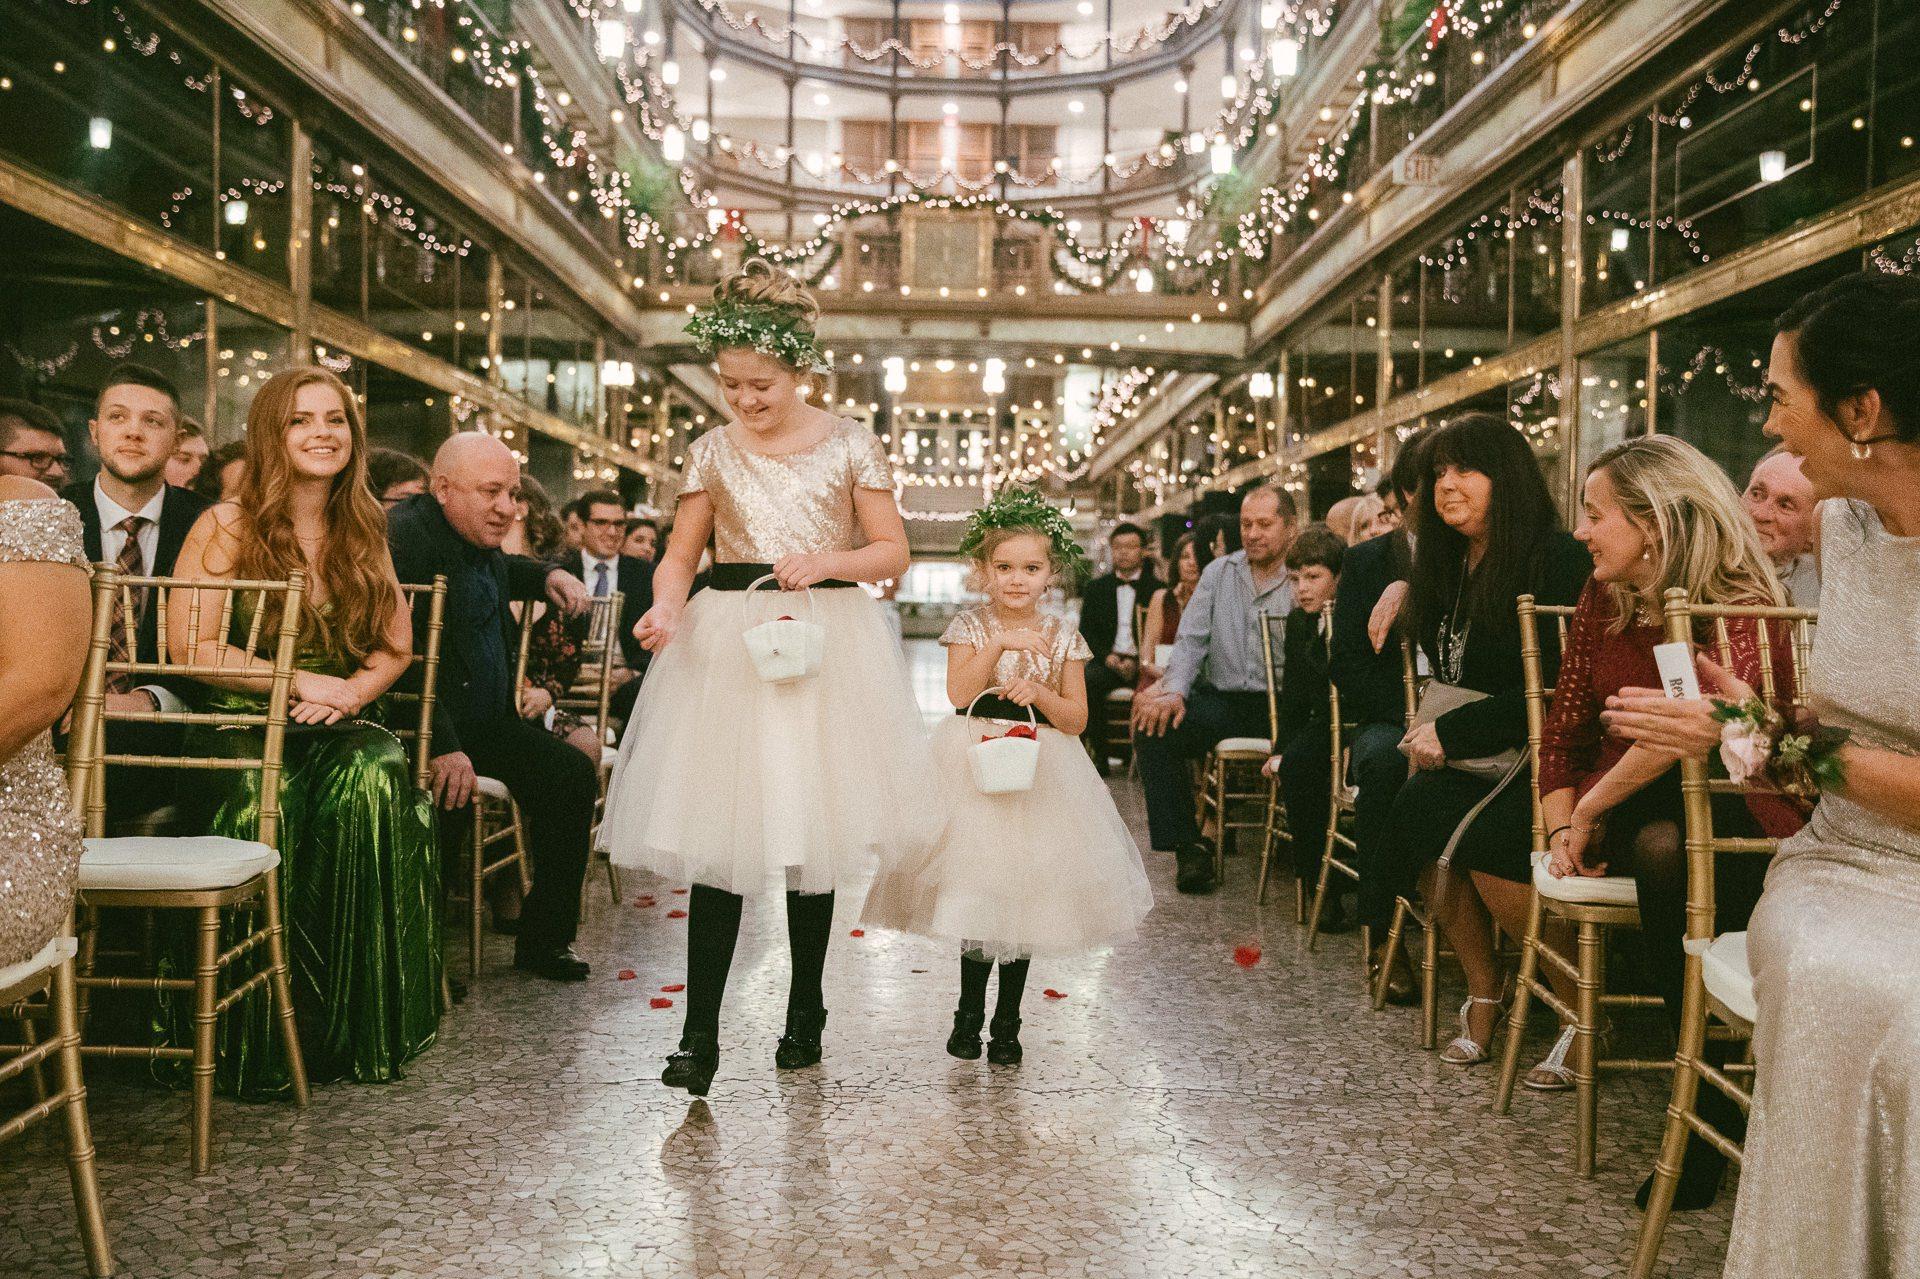 Hyatt Old Arcade Wedding Photographer in Cleveland 1 47.jpg